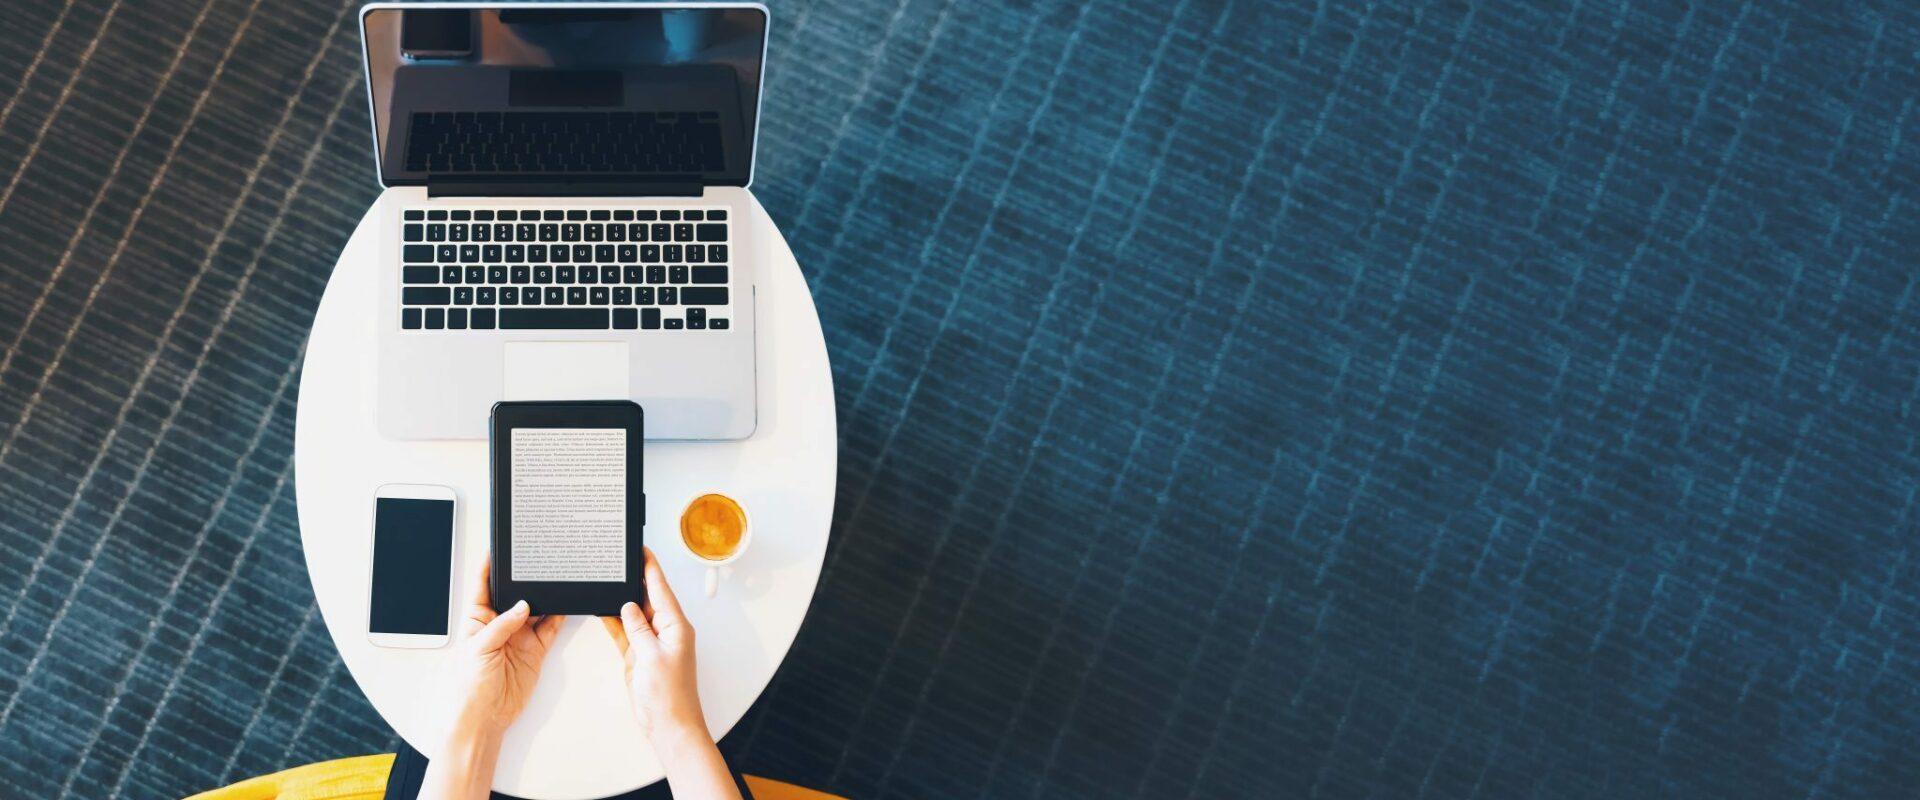 Laptop en tablet op stoel